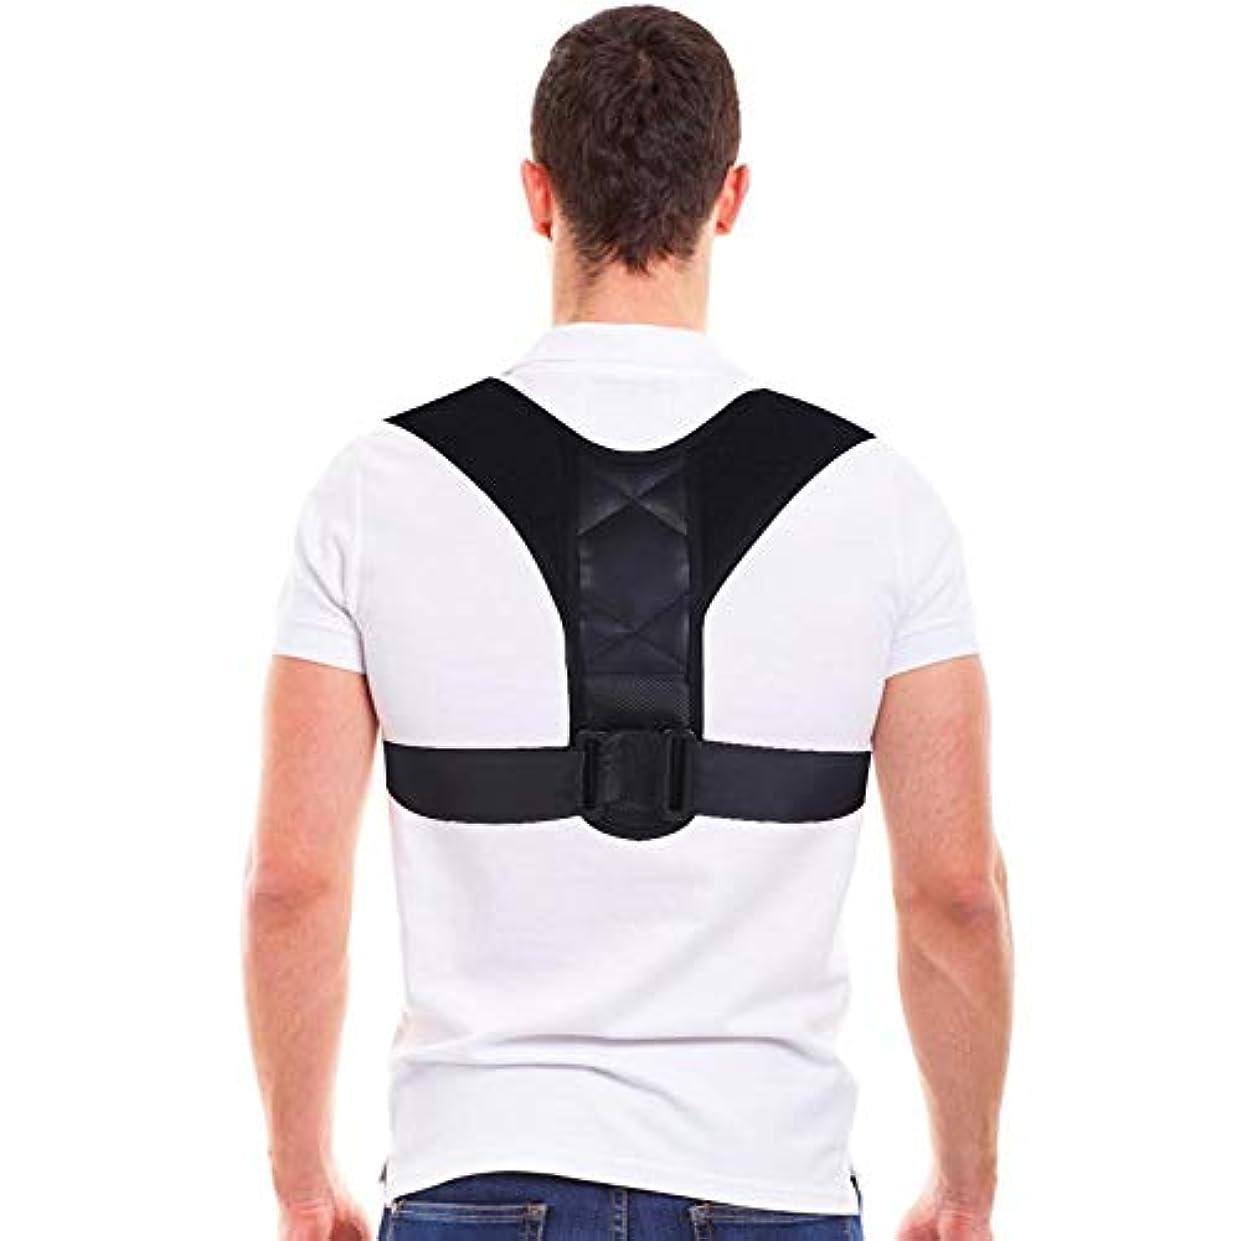 コショウいたずら不愉快コレクター姿勢バックサポートベルト、8字型デザインの調節可能な鎖骨装具バンド、男性と女性の姿勢、腰痛予防、腰痛予防